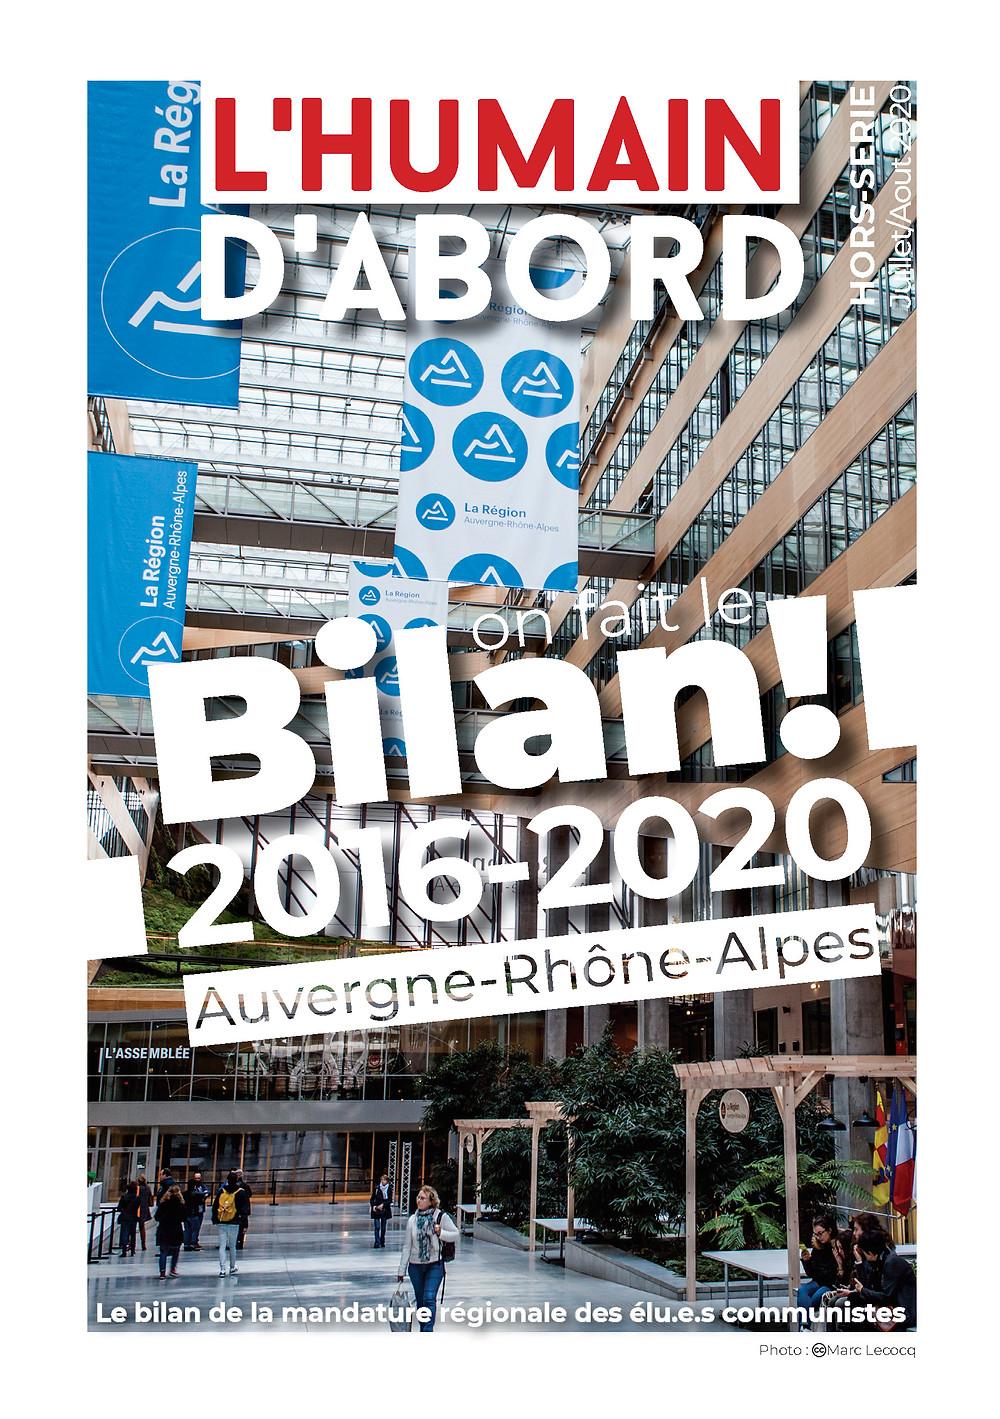 Les conseillers régionaux communistes d'Auvergne Rhône-Alpes dresse le bilan de la mandature 2016-2020